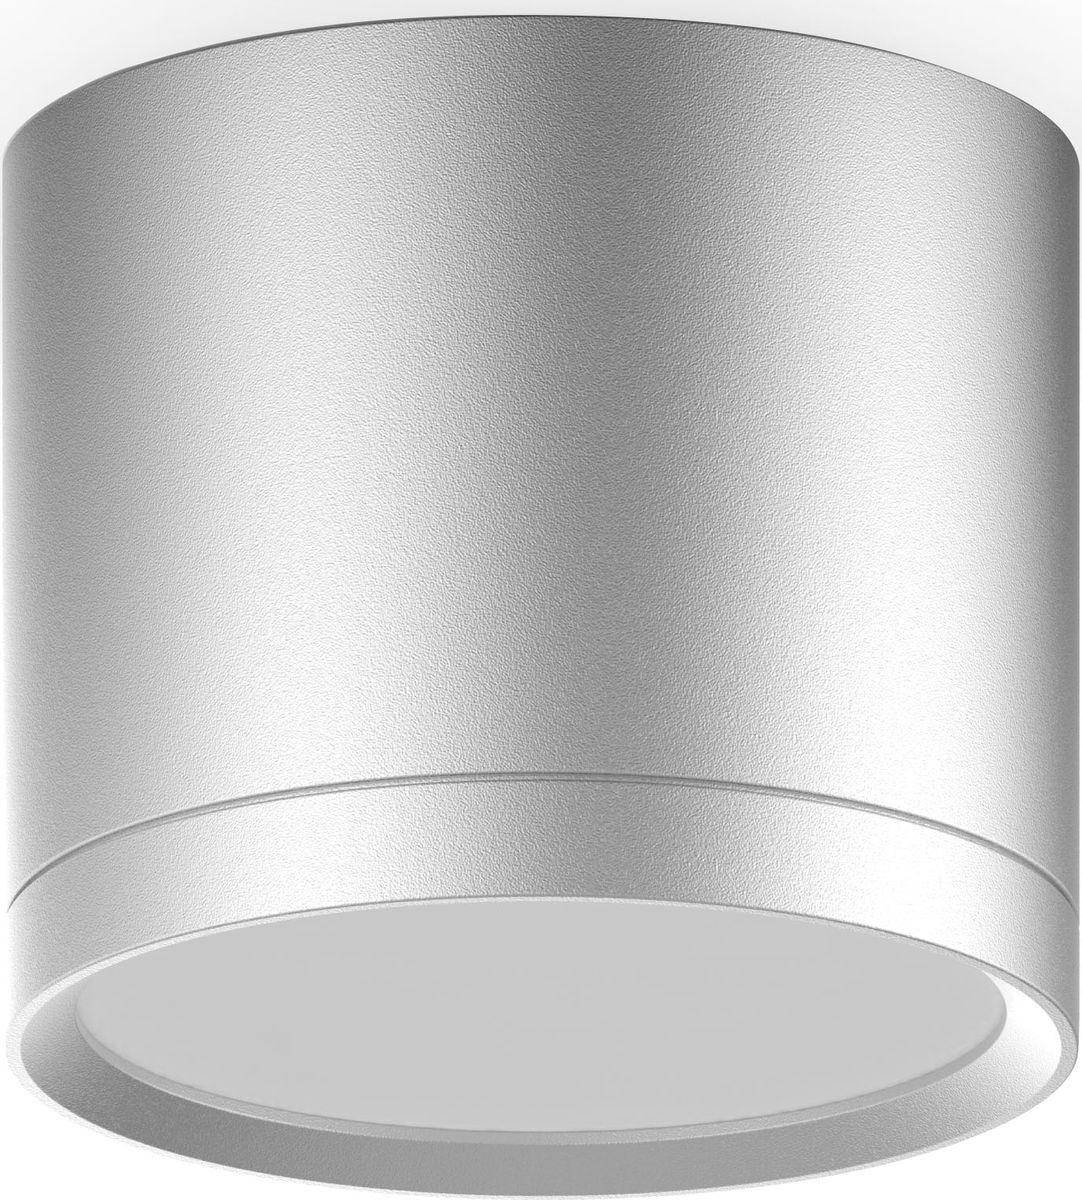 Накладной светильник Gauss Overhead LED с рассеивателем, HD020, 10W, 4100K, 720Лм, 1/30